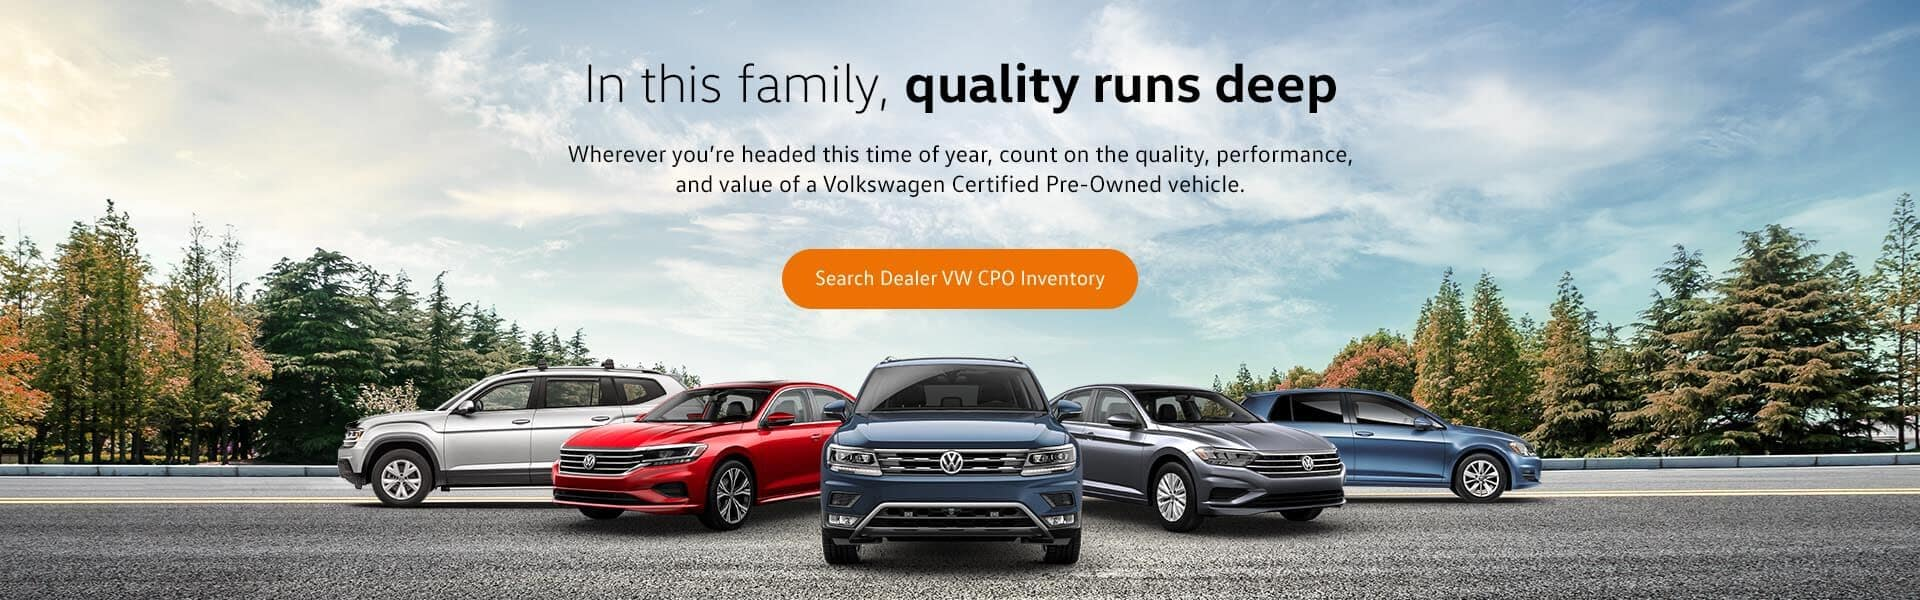 58720199-052-VW_Q2_2020_Dealer_Rotator_QUALITY_dealer-inspire-1920×600